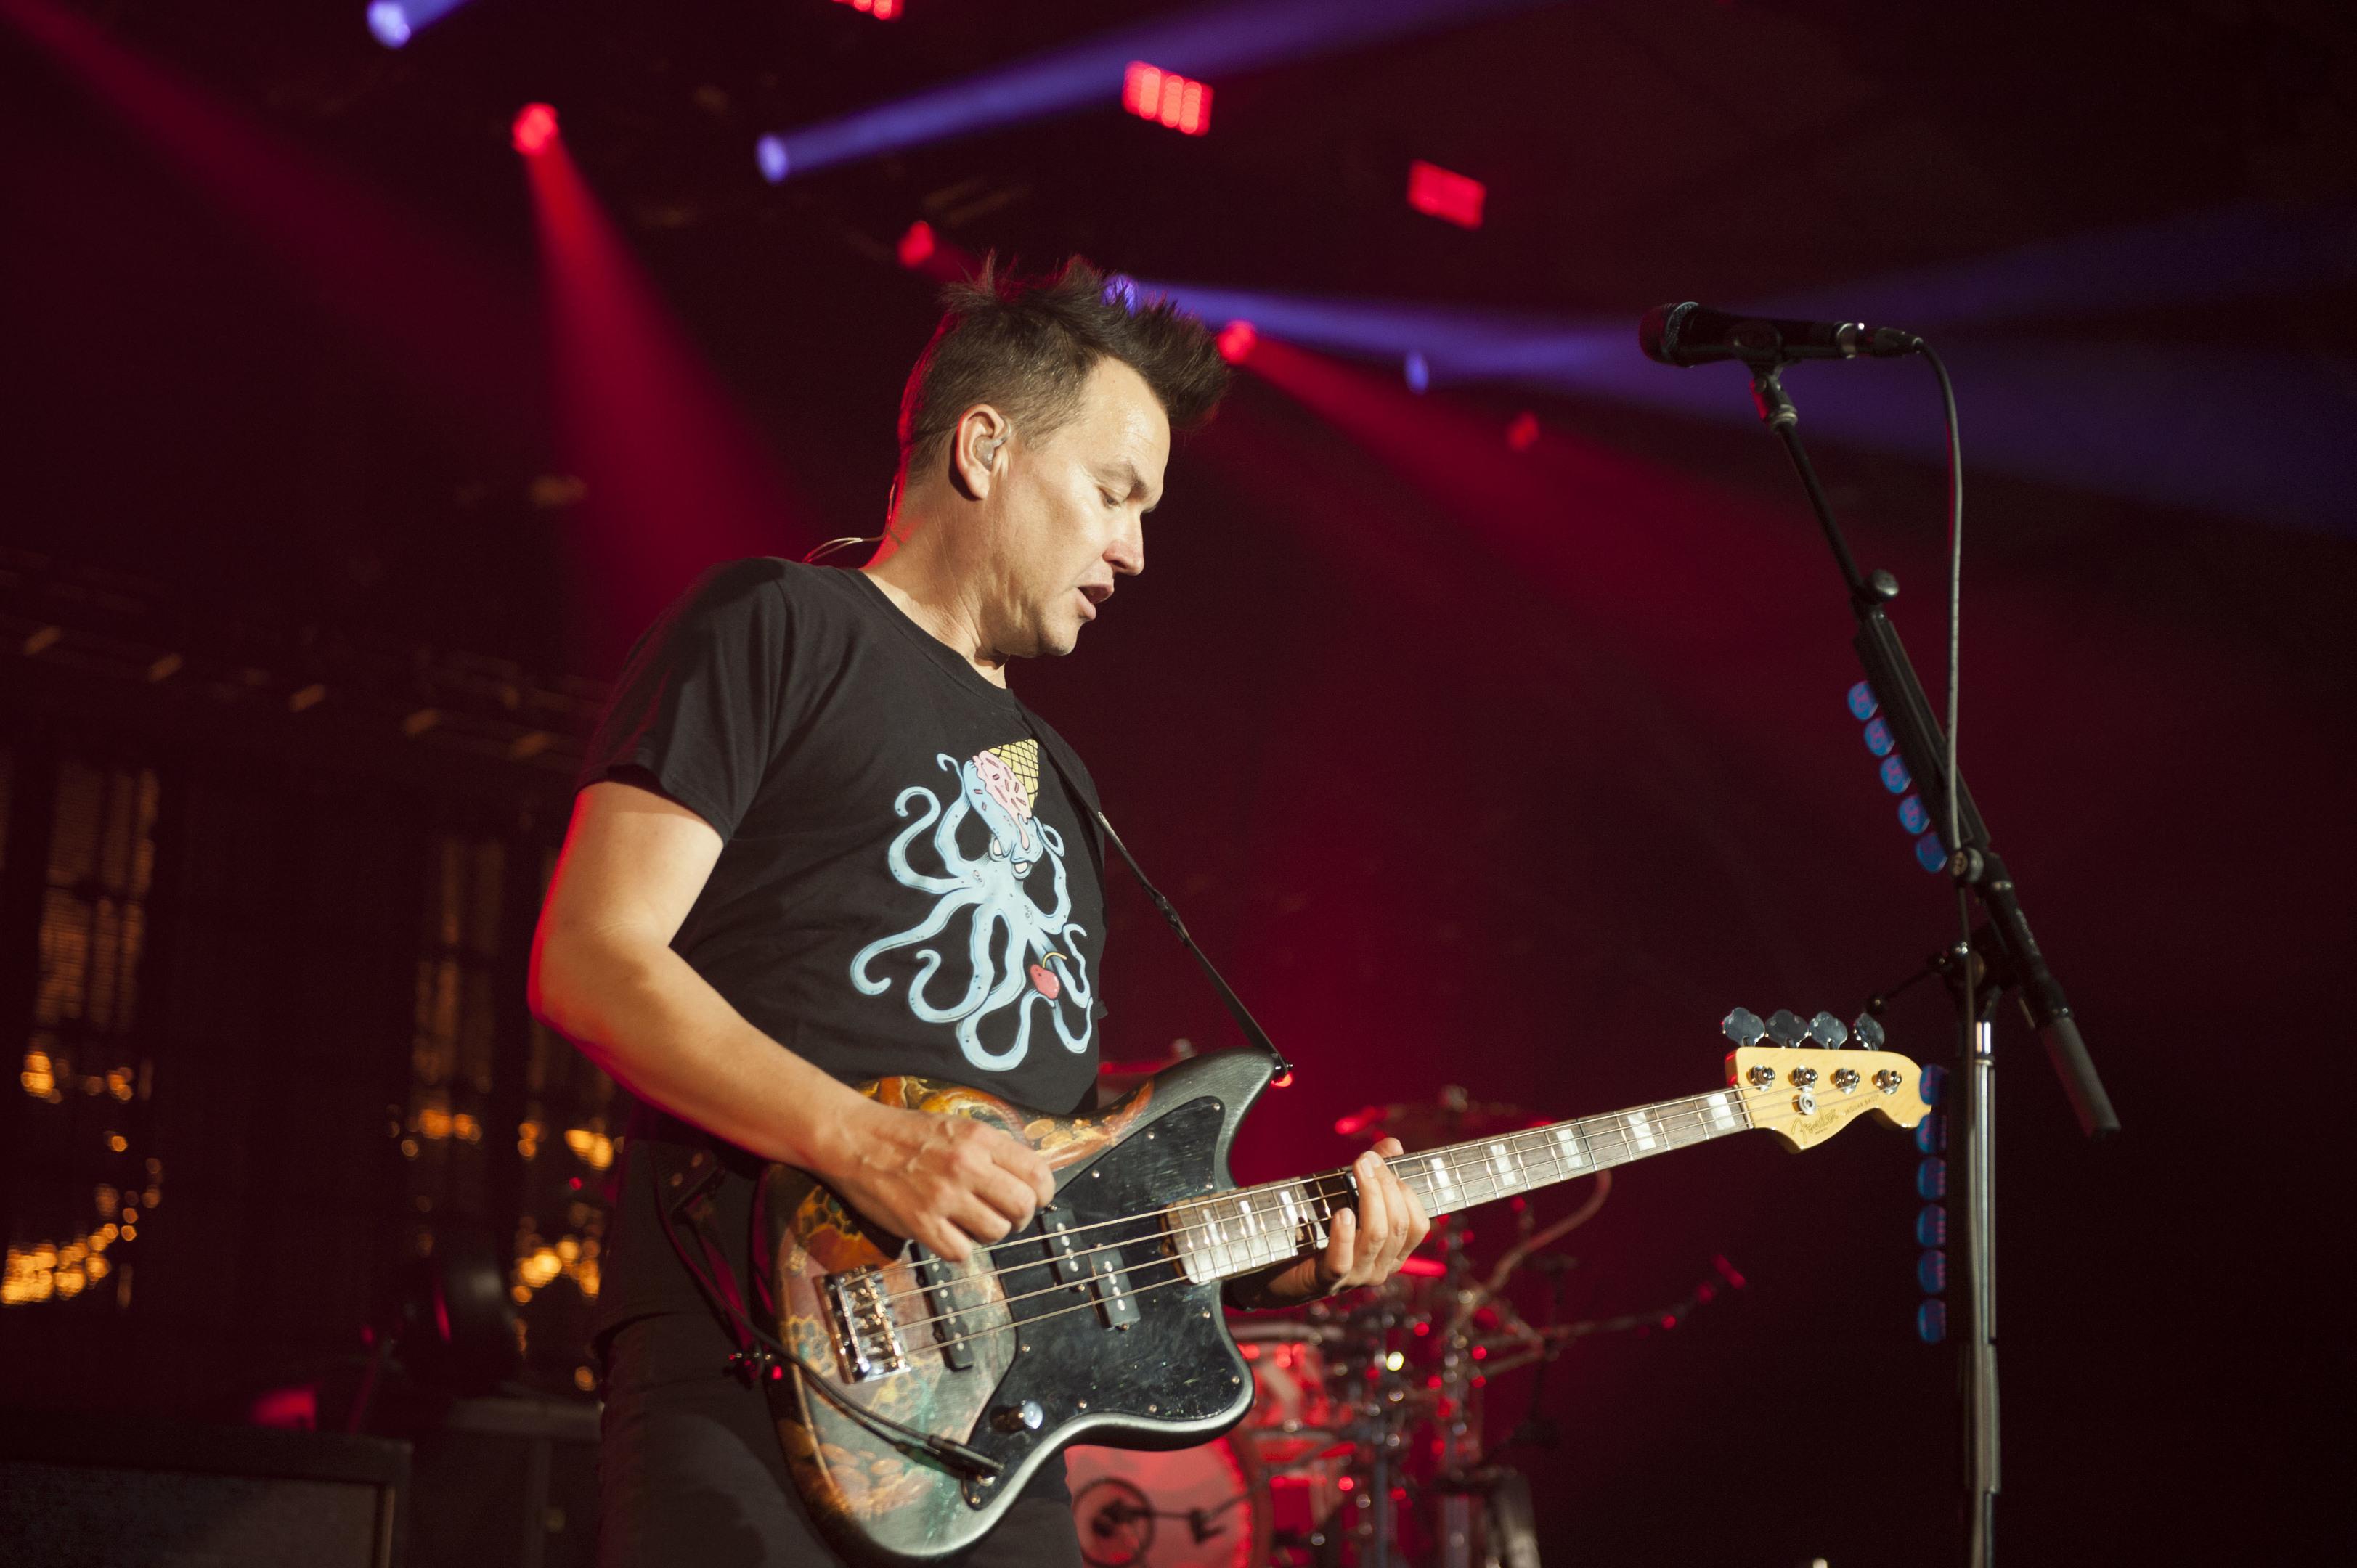 Mark Hoppus of Blink 182